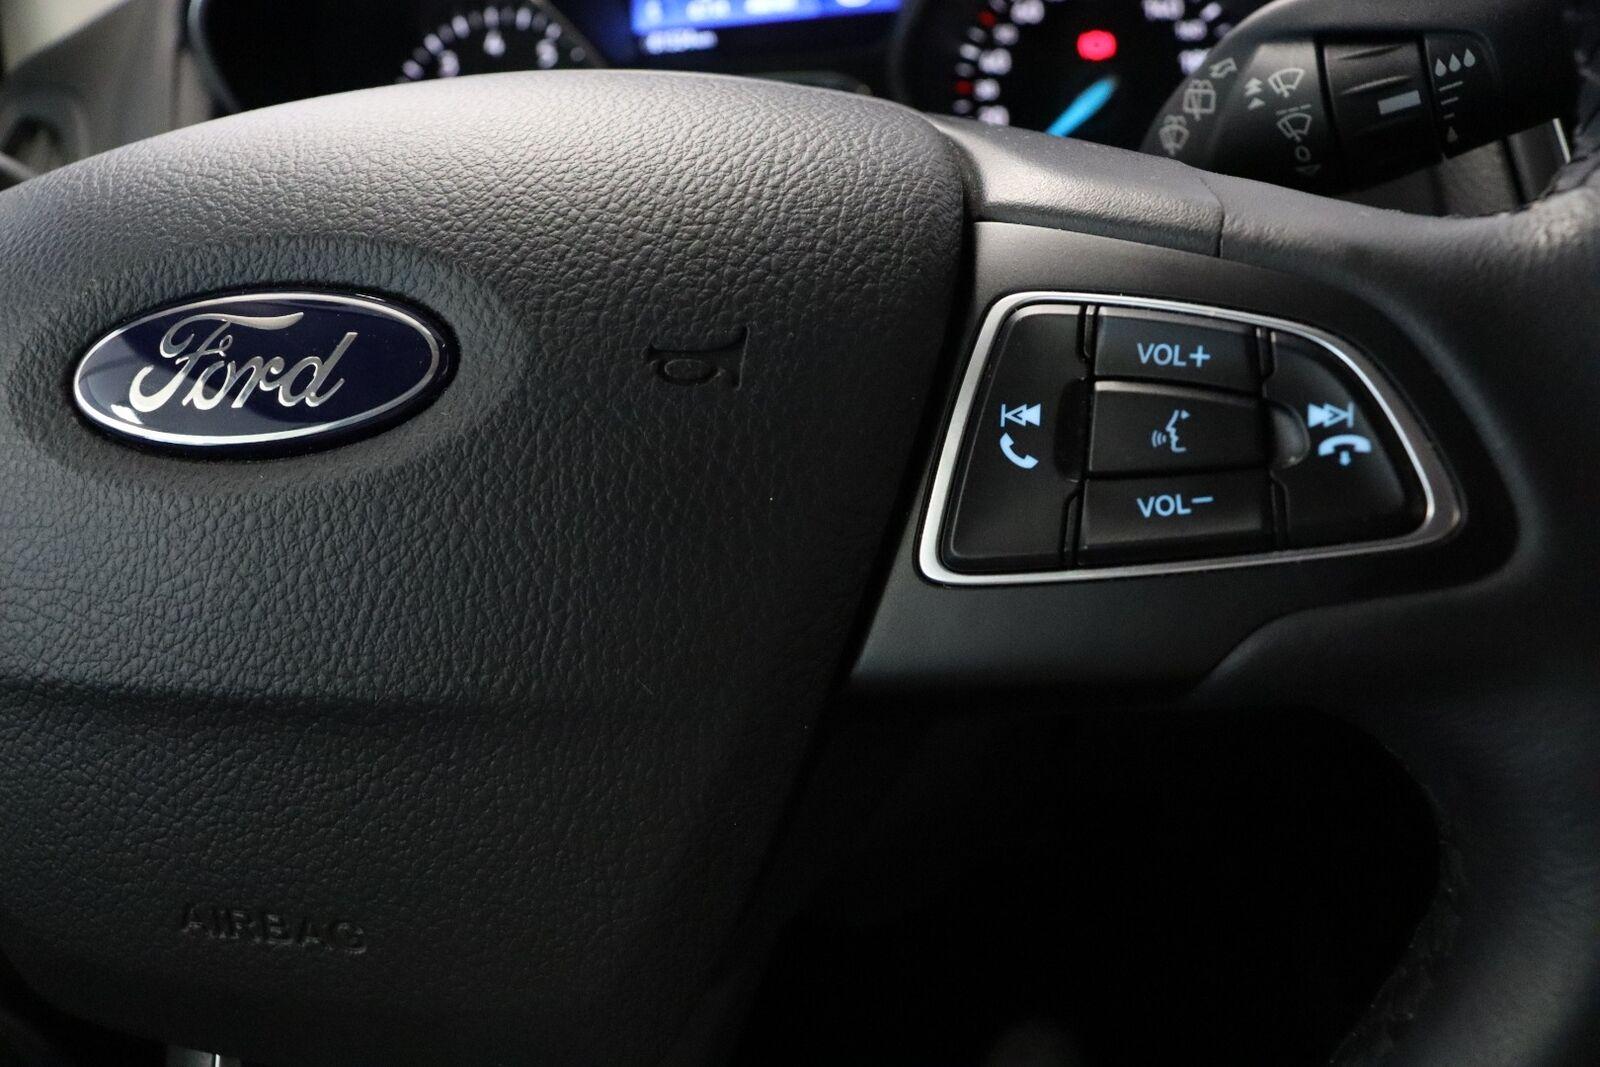 Ford Focus SCTi 125 Titanium